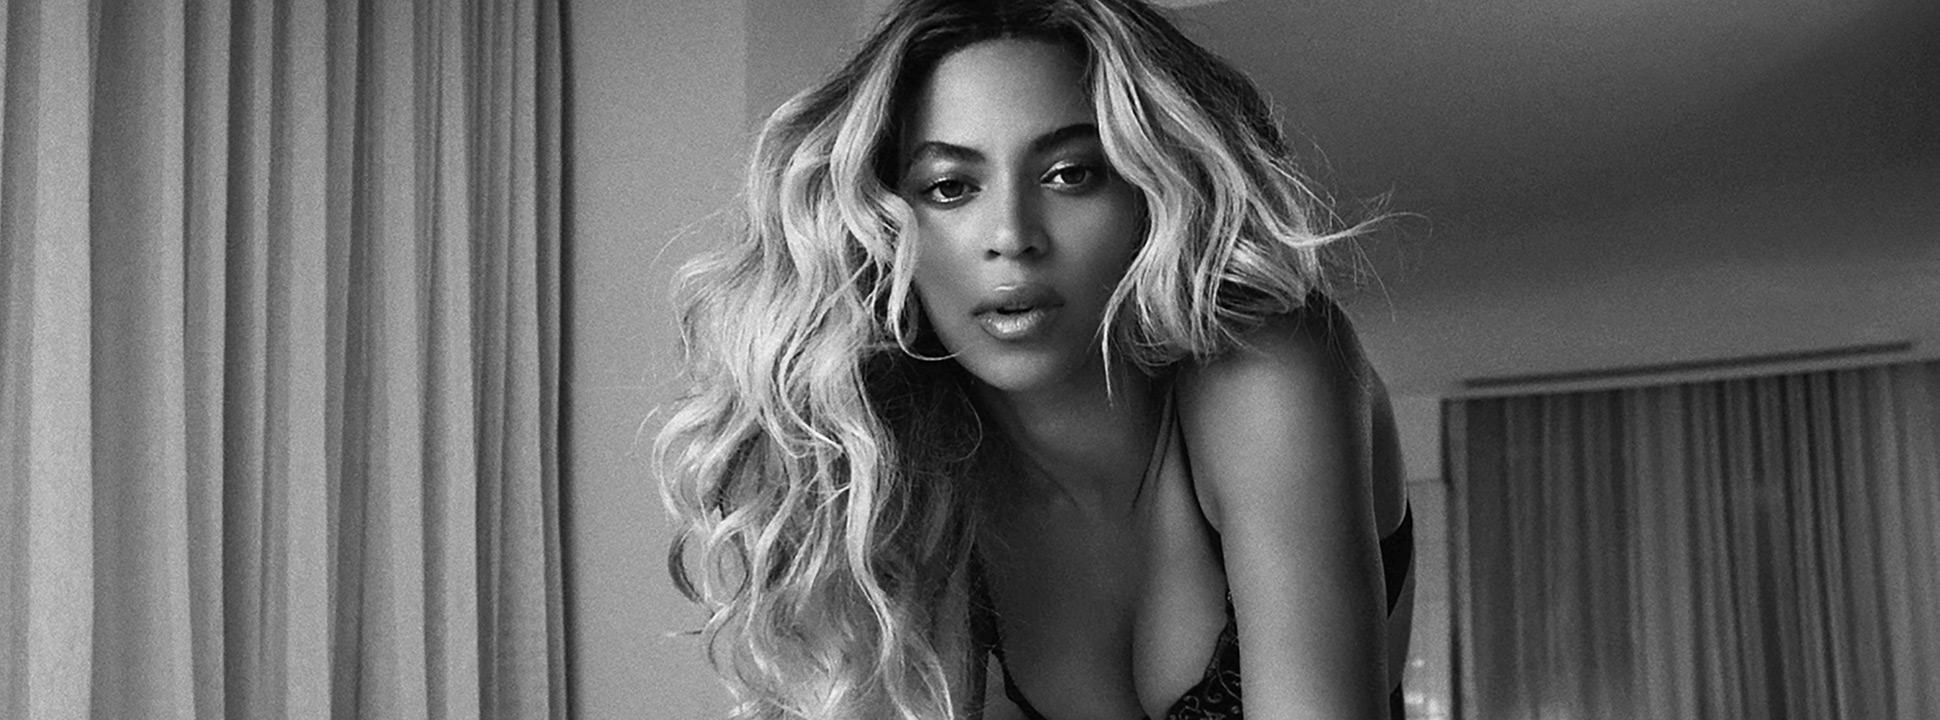 Beyonce-1940x720-v2